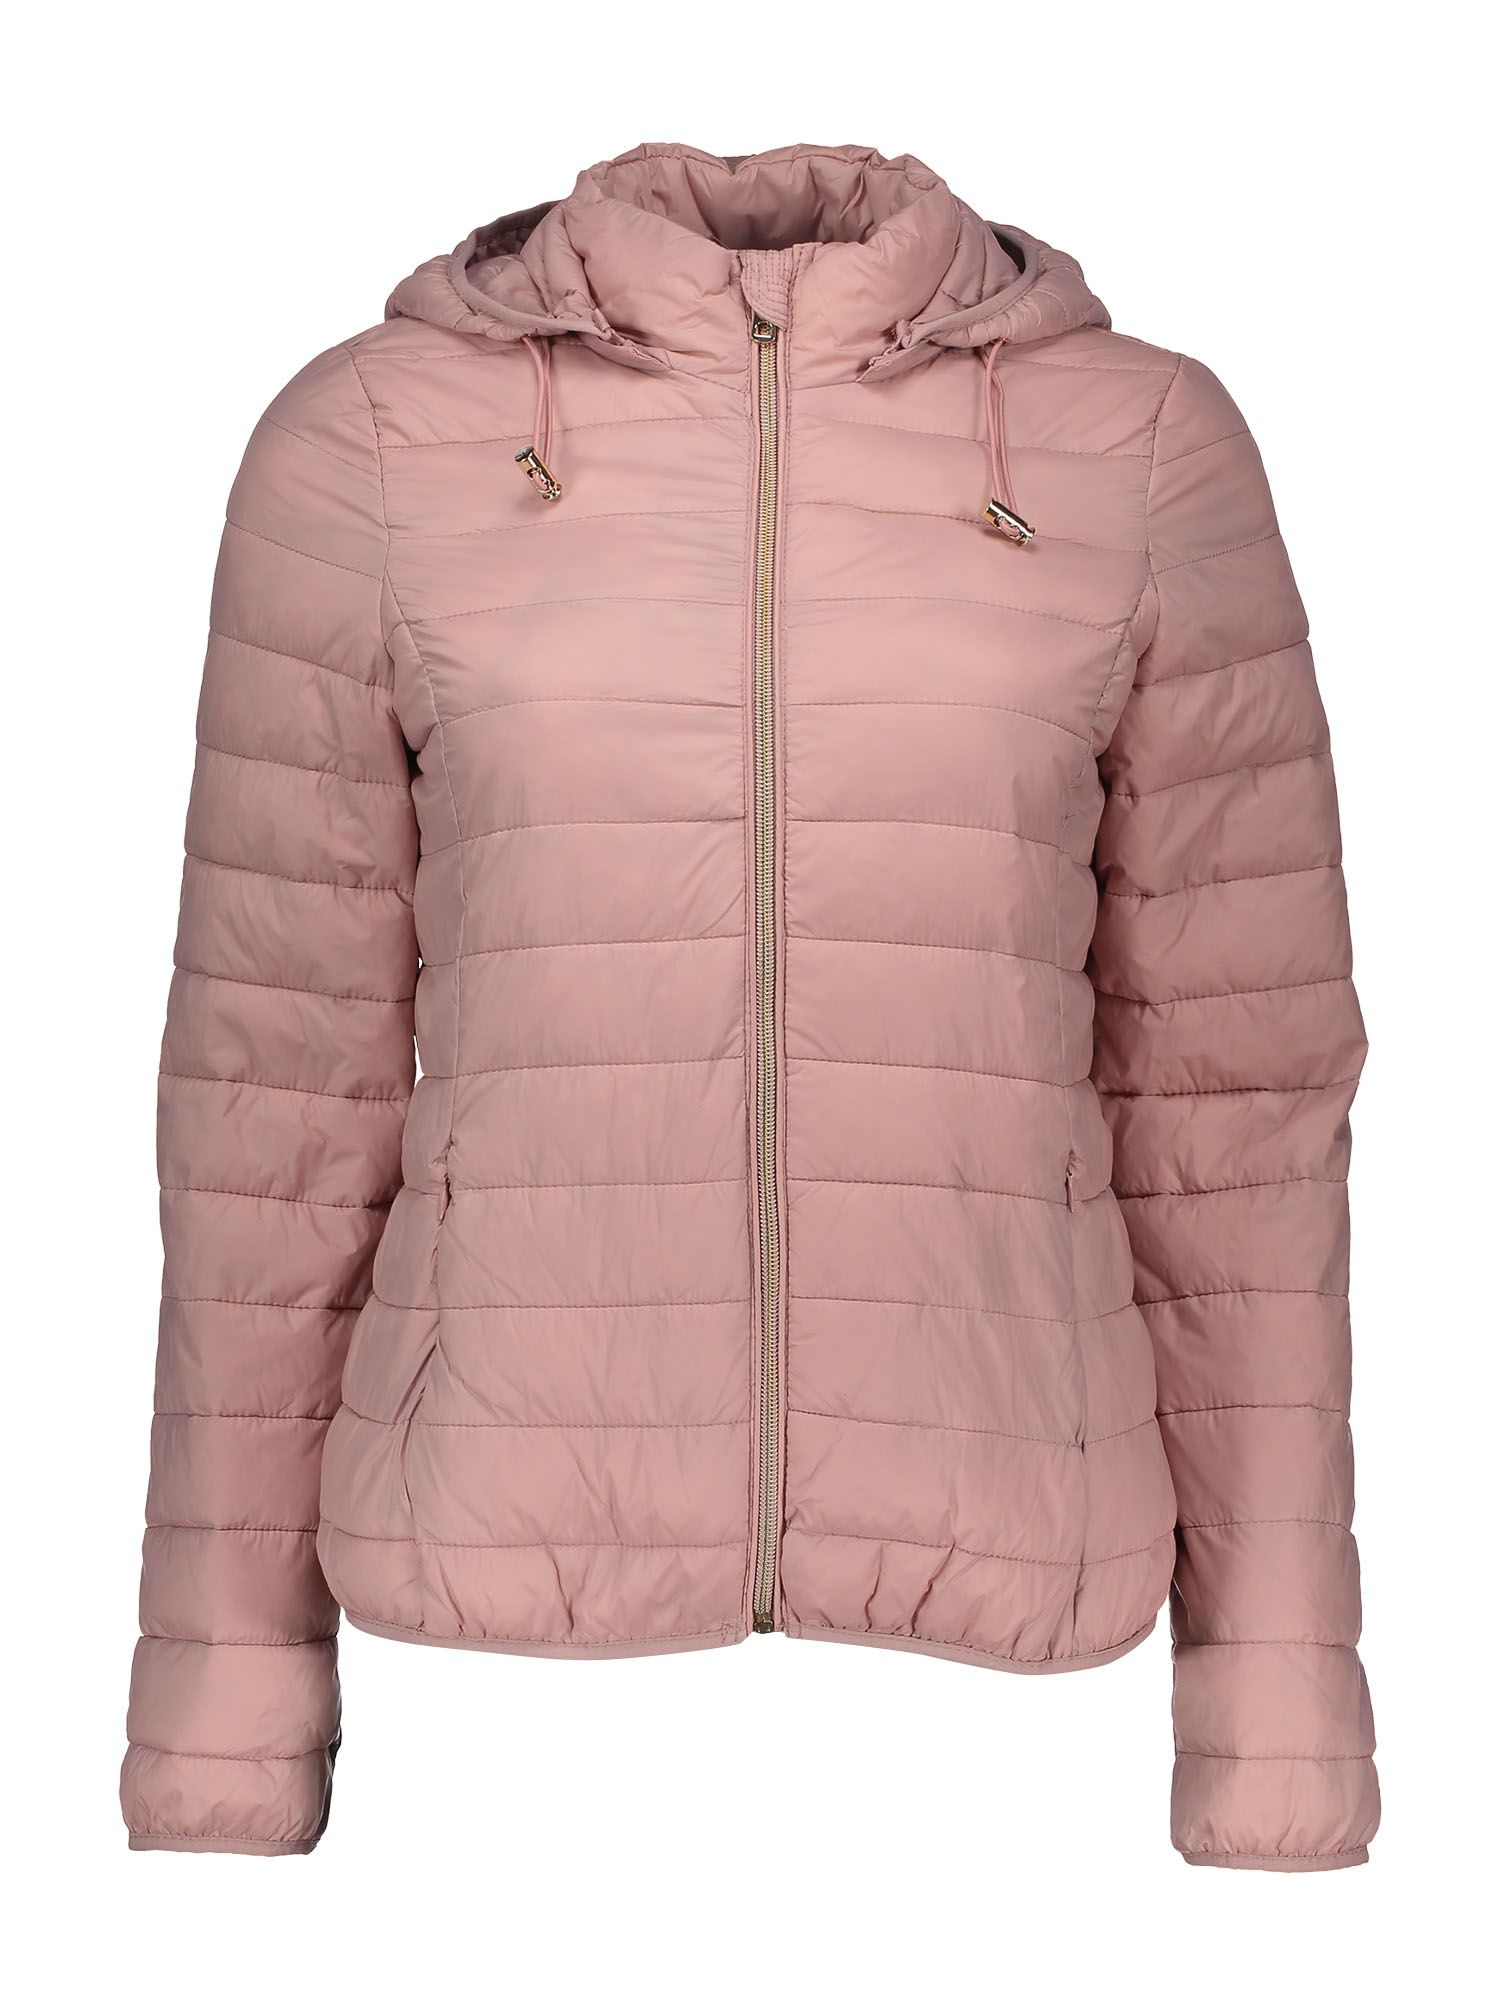 Piumino rosa con cappuccio a 19,95 euro